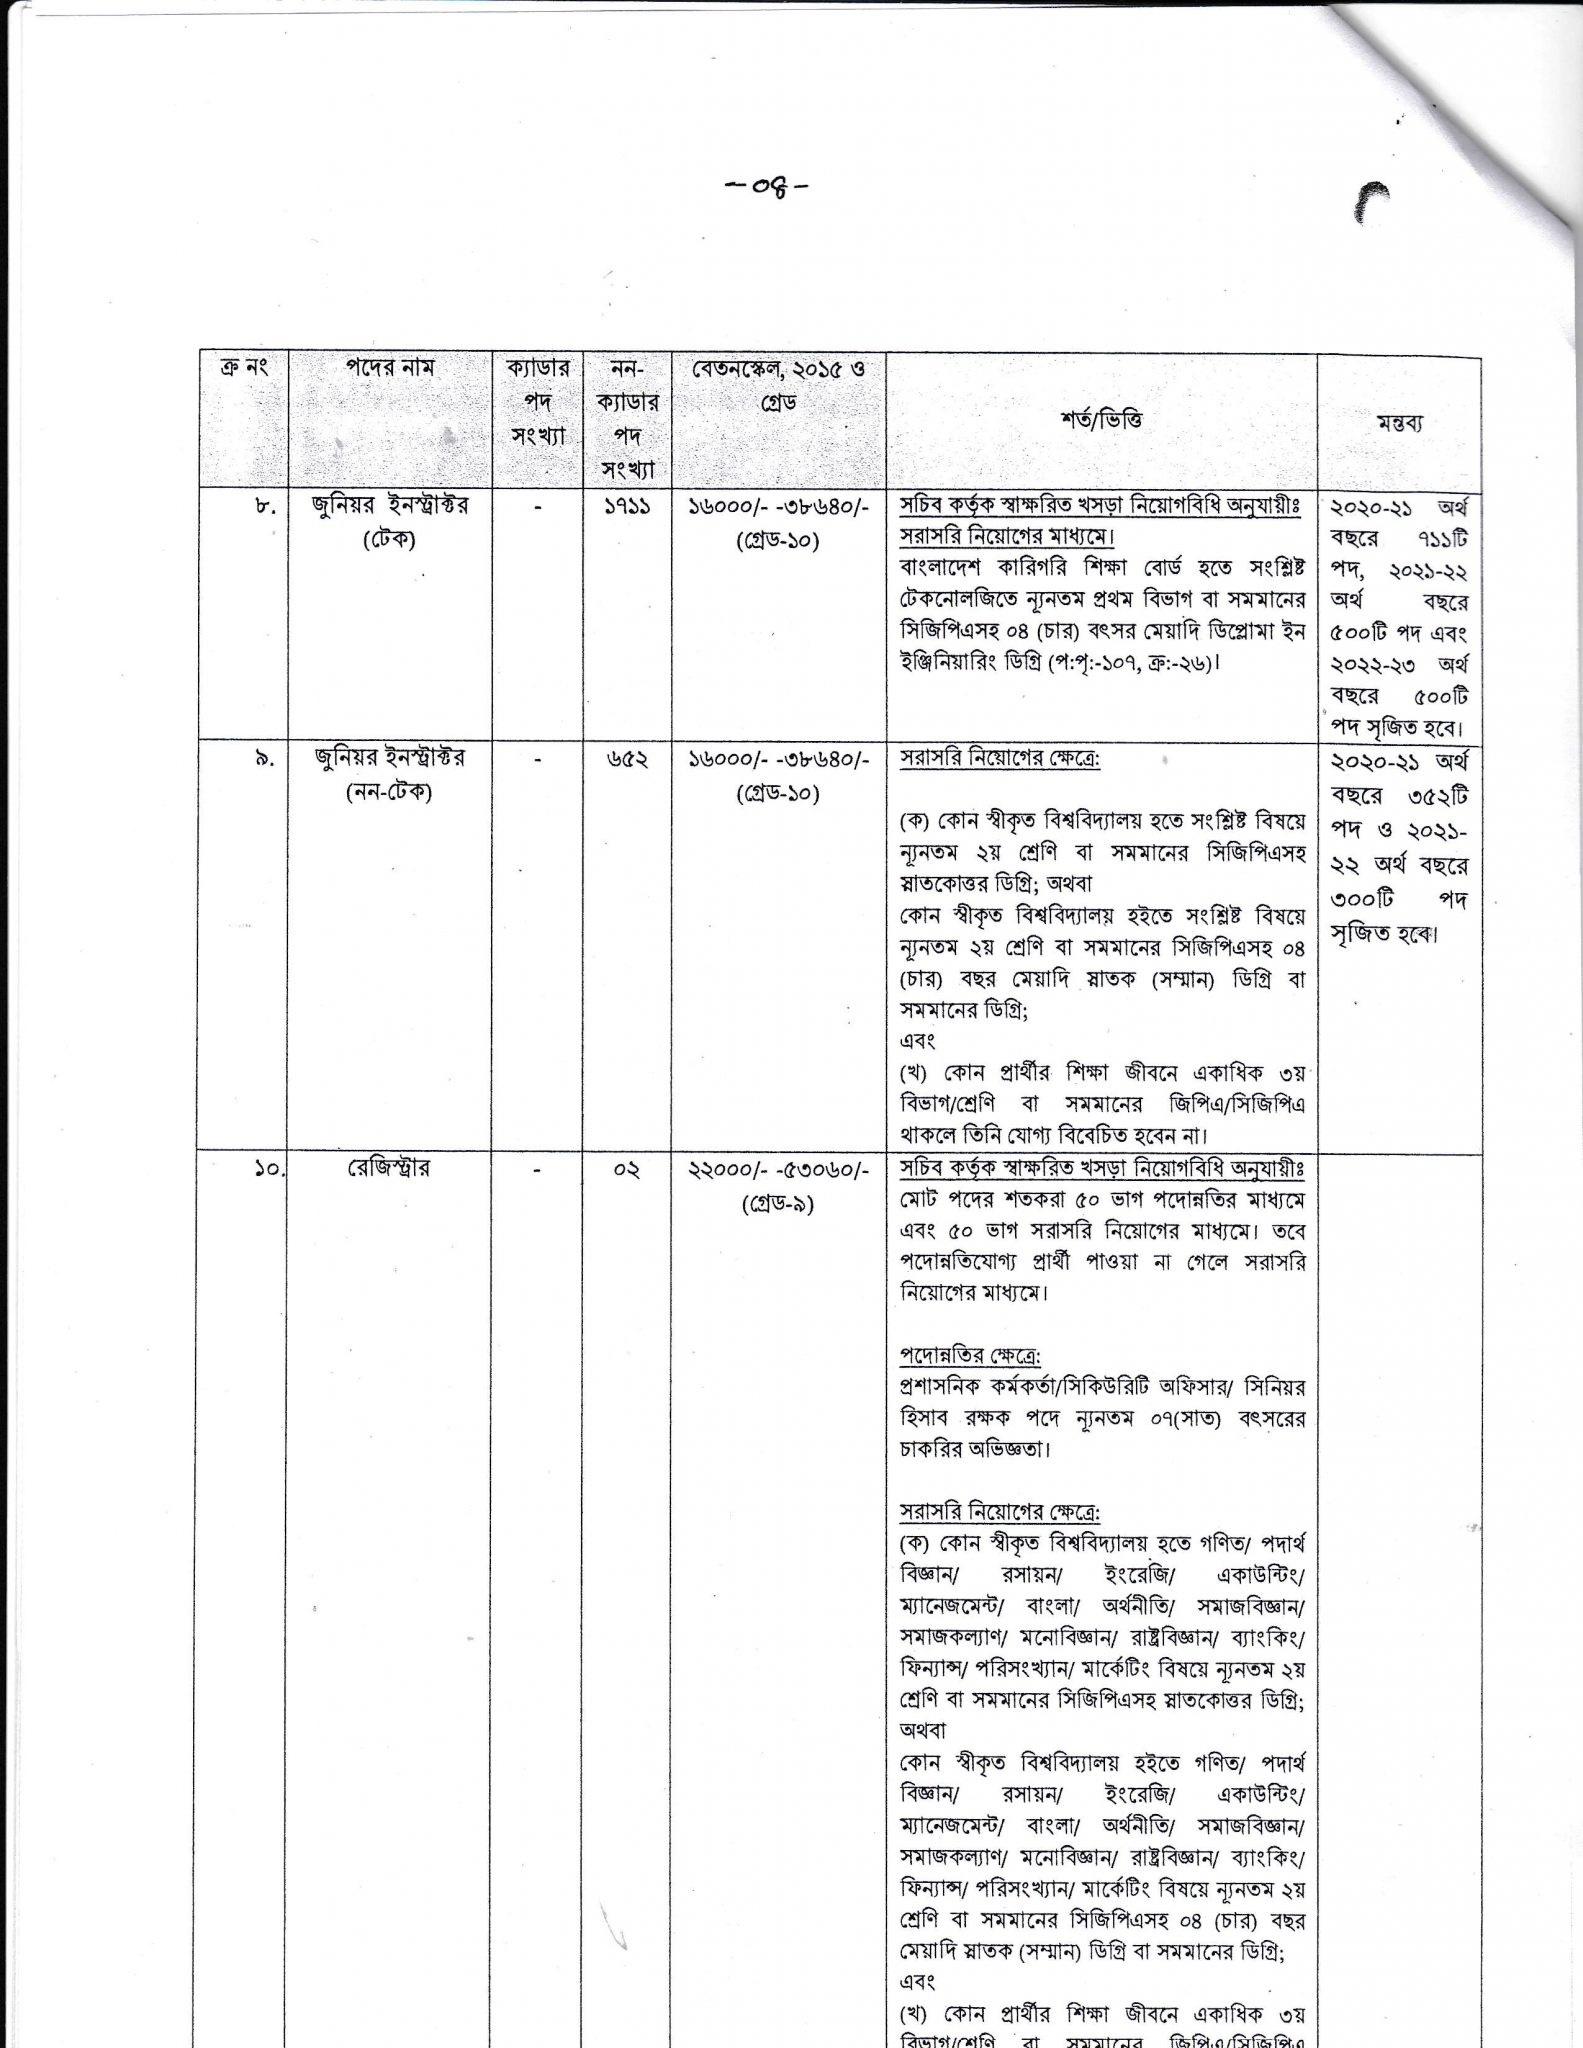 tmed-job-circular-2020-pdf-4